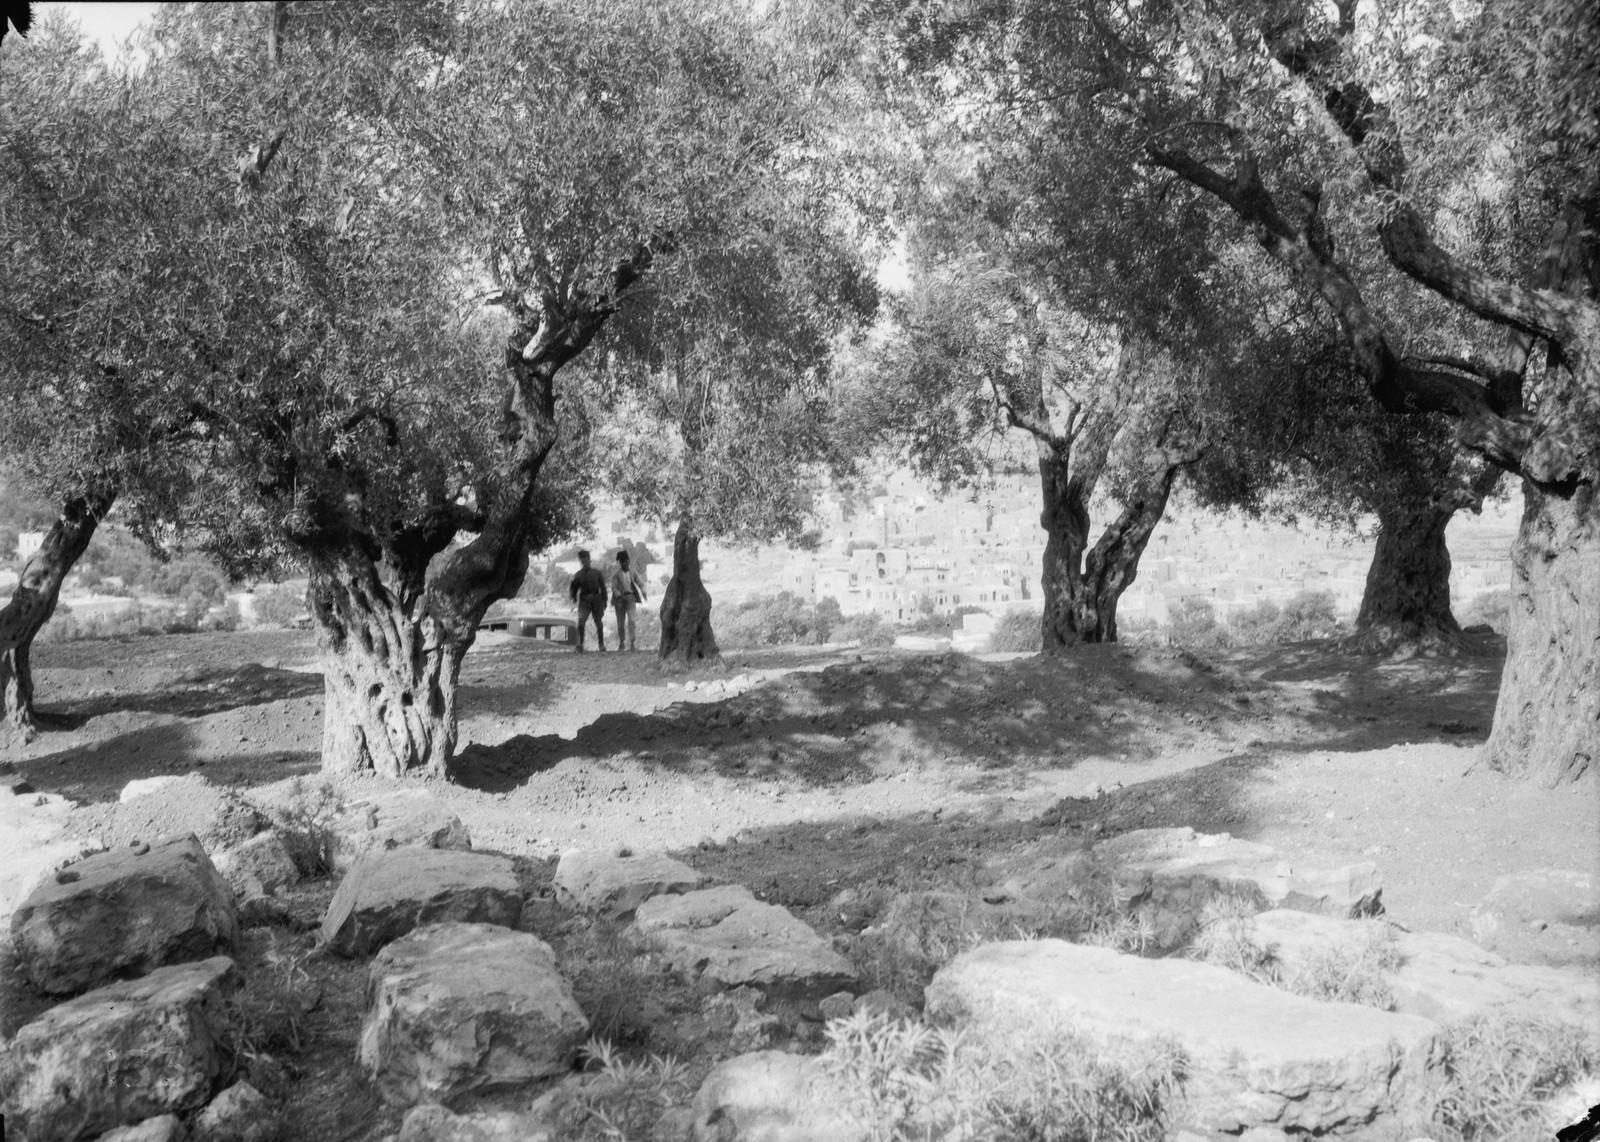 07. 23–31 августа. Хеврон. Могилы еврейских  жертв беспорядков. Большие братские могилы под оливковыми деревьями